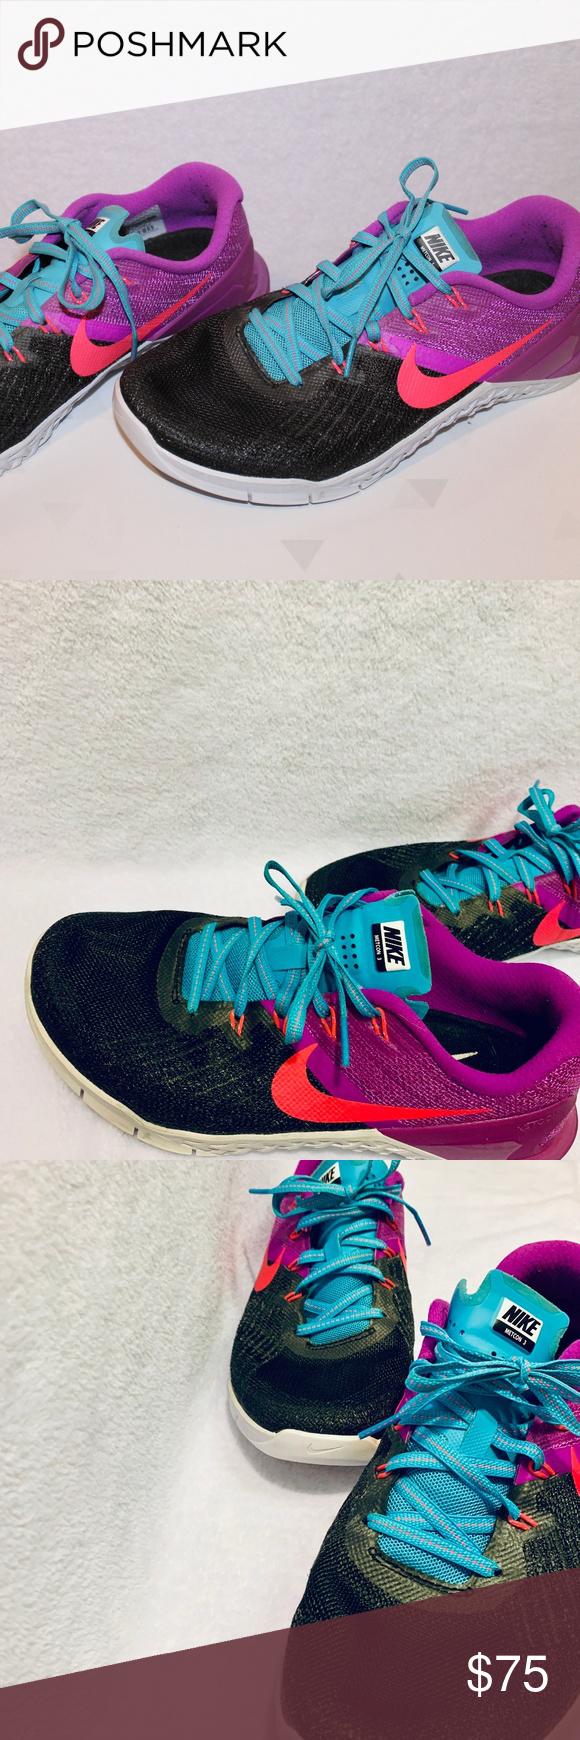 a77705f0e586cb Nike Metcon 3 Training Shoes Women s Nike Metcon 3 Training shoes ...